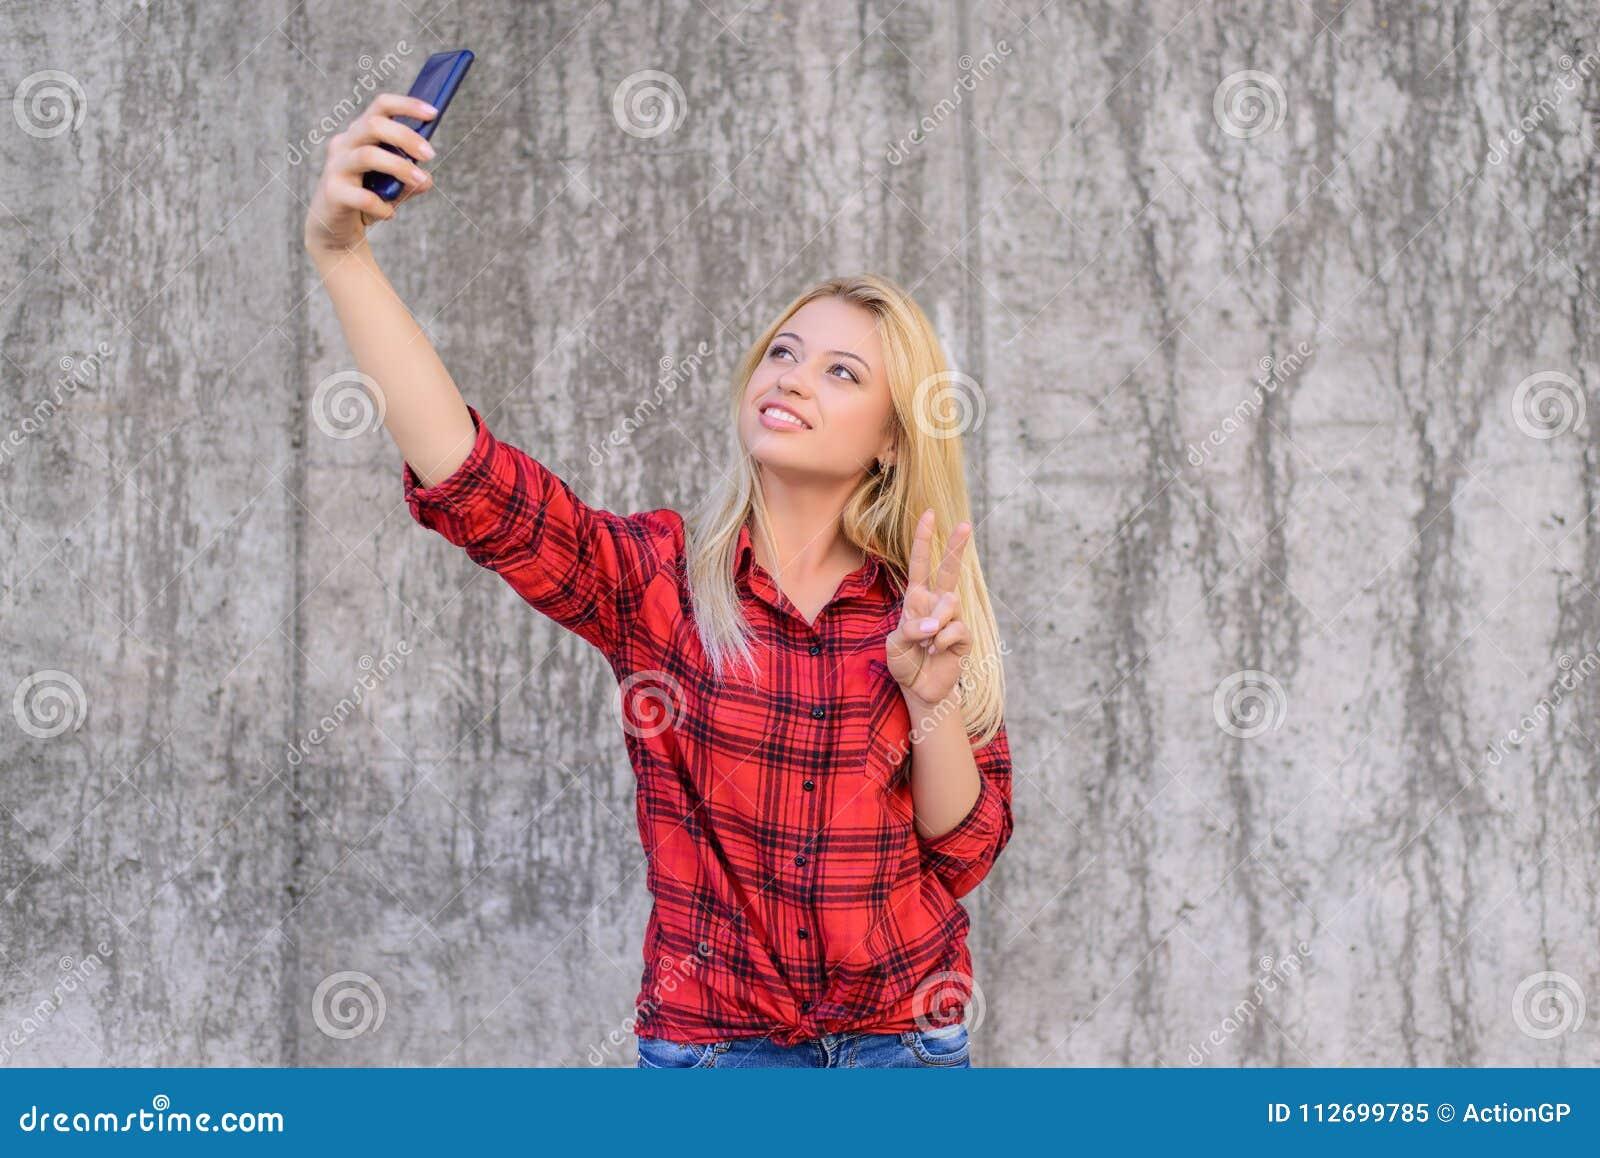 Kvinna i tillfällig kläder med att stråla taling selfie för leende på hennes smartphone och uppvisning v-tecken cellmobiltelefon